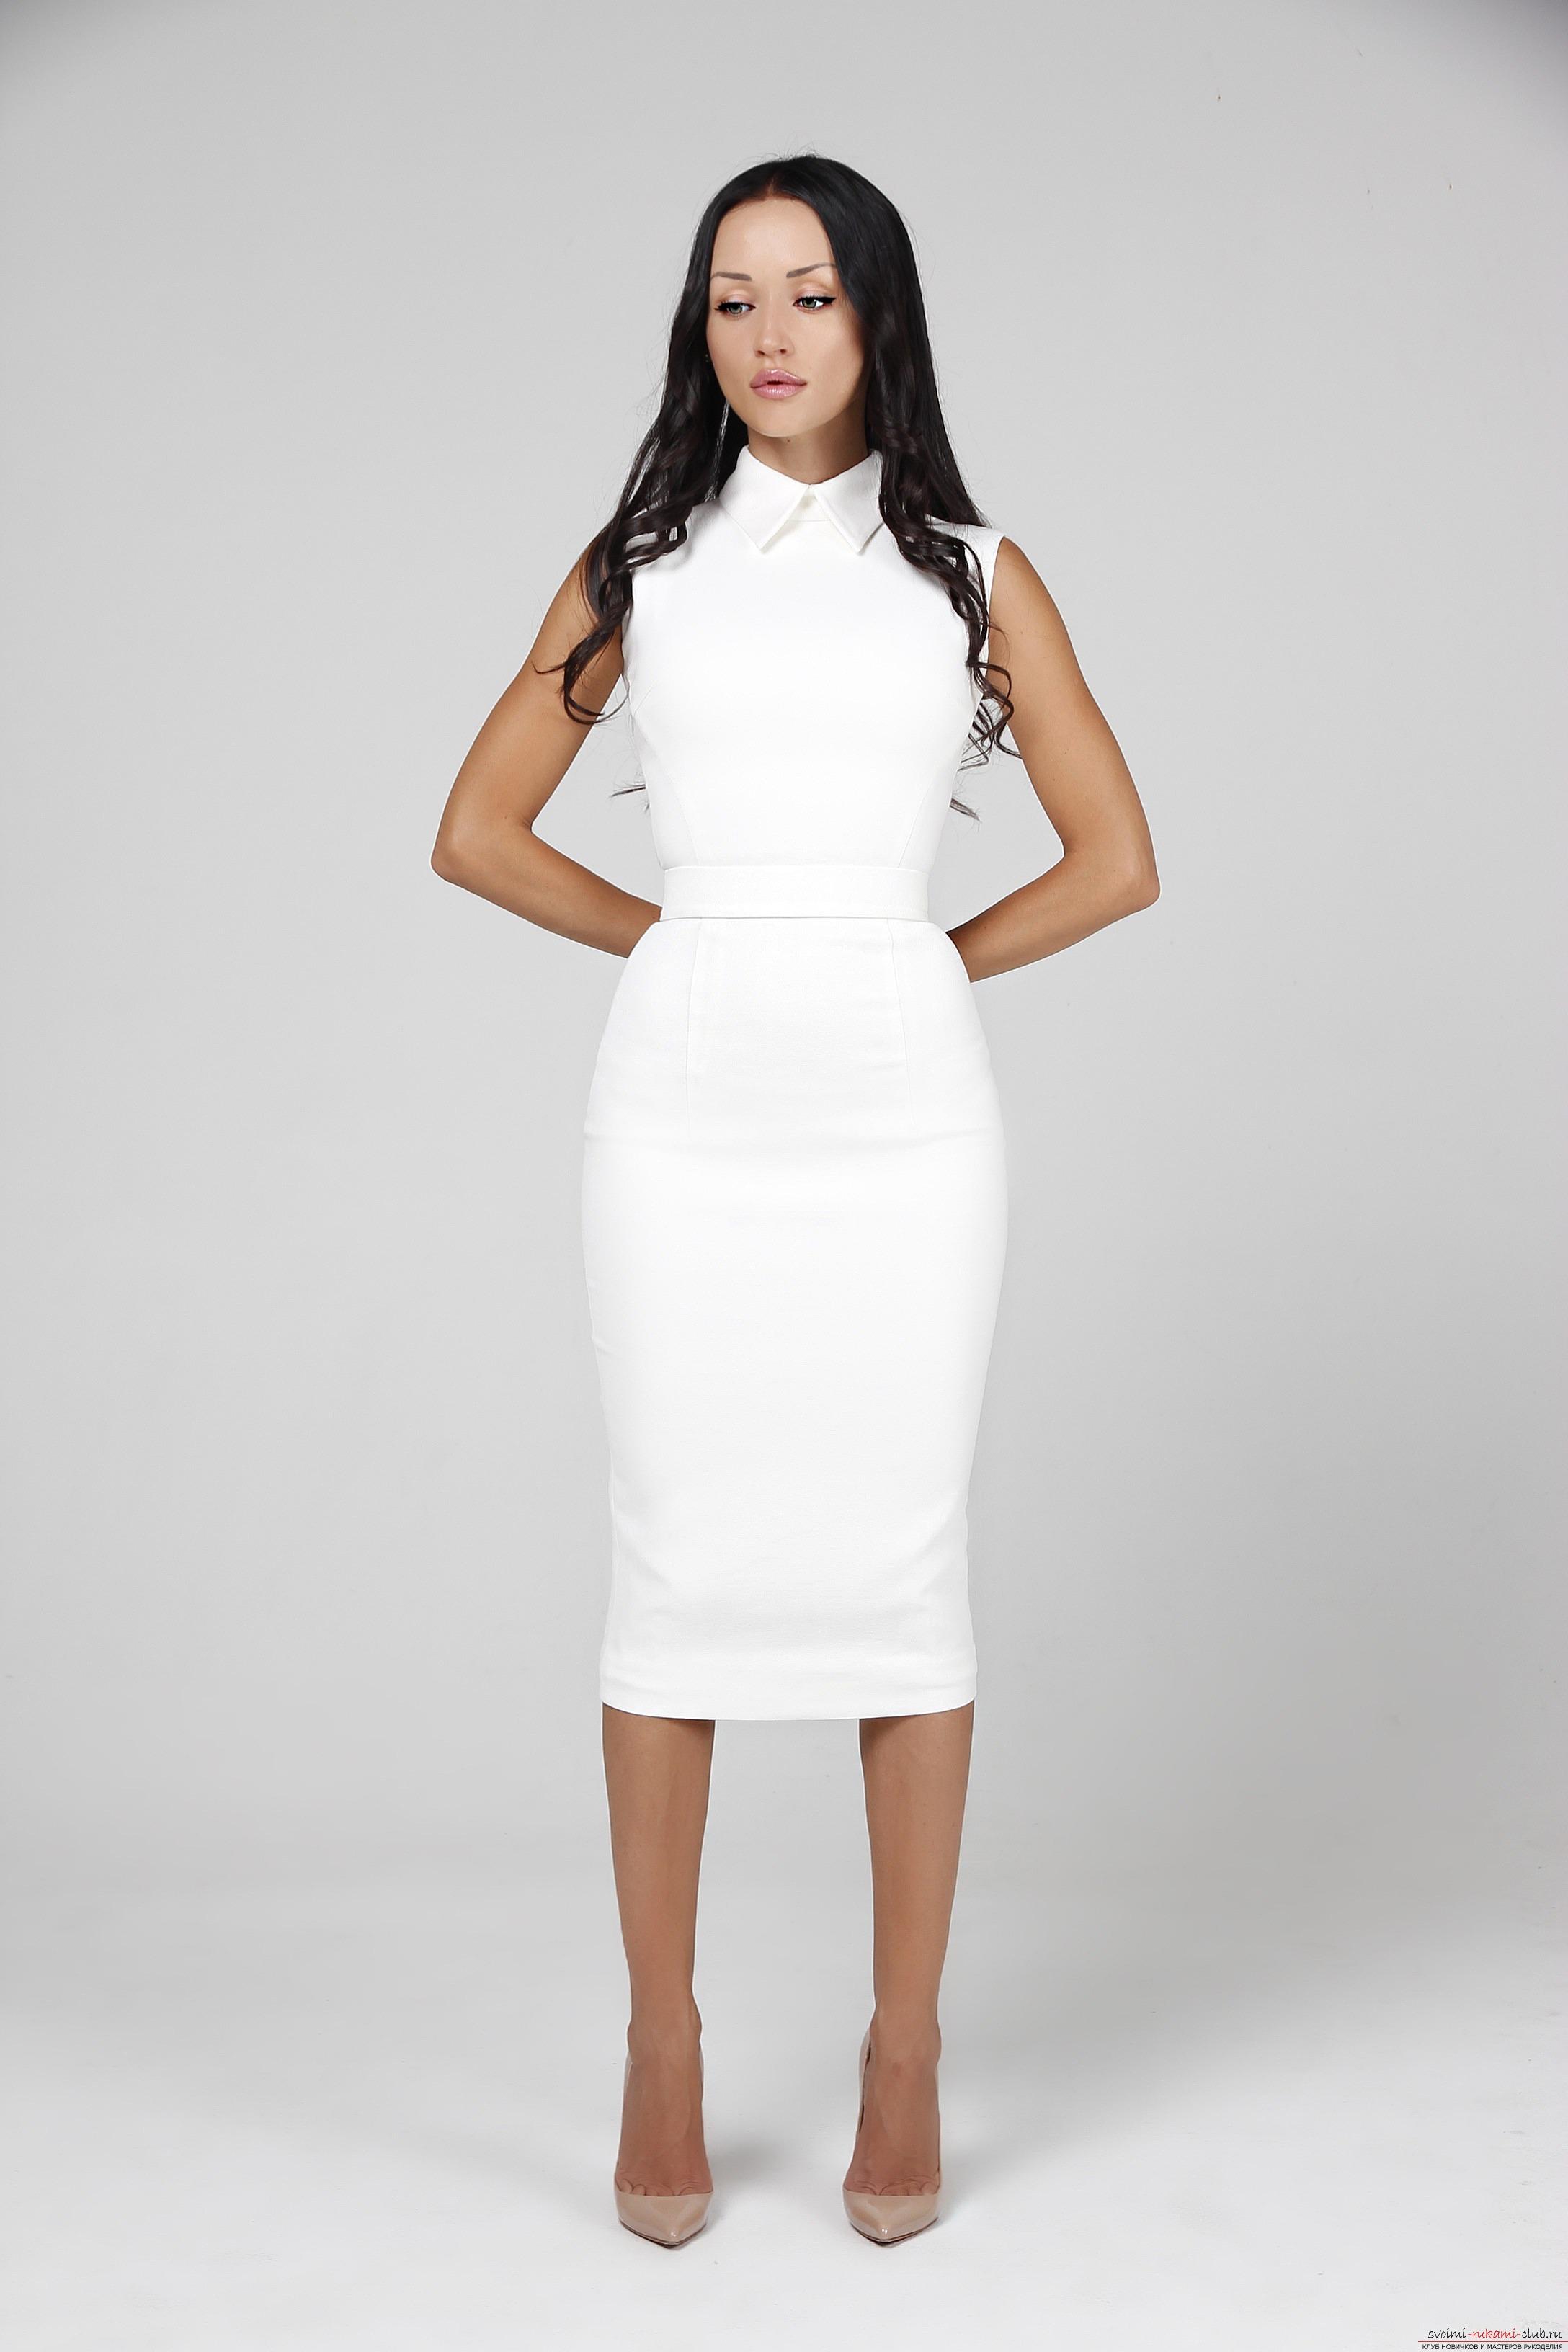 Платье-футляр как особенный выбор: История модели, красивые, шьем самостоятельно. Фото №5